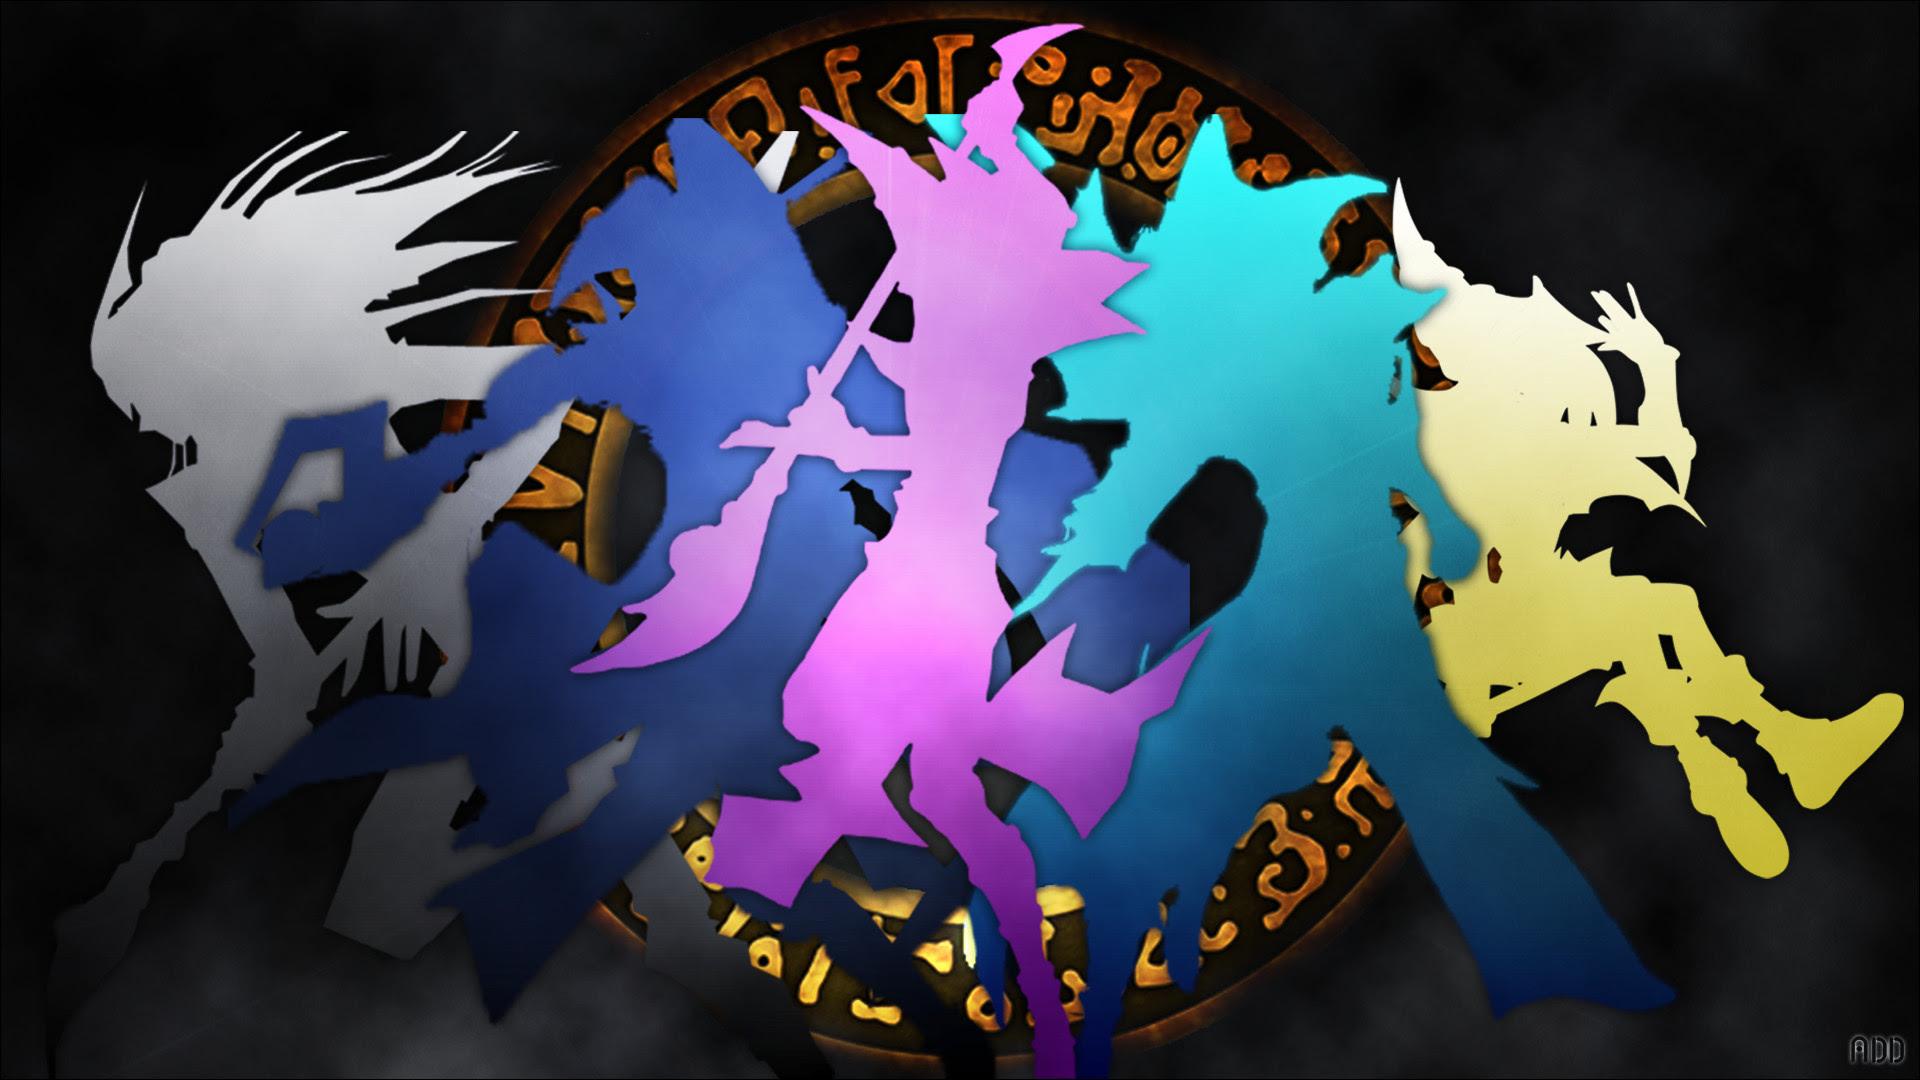 Yu Gi Oh Dark Magician Wallpaper 63+ images